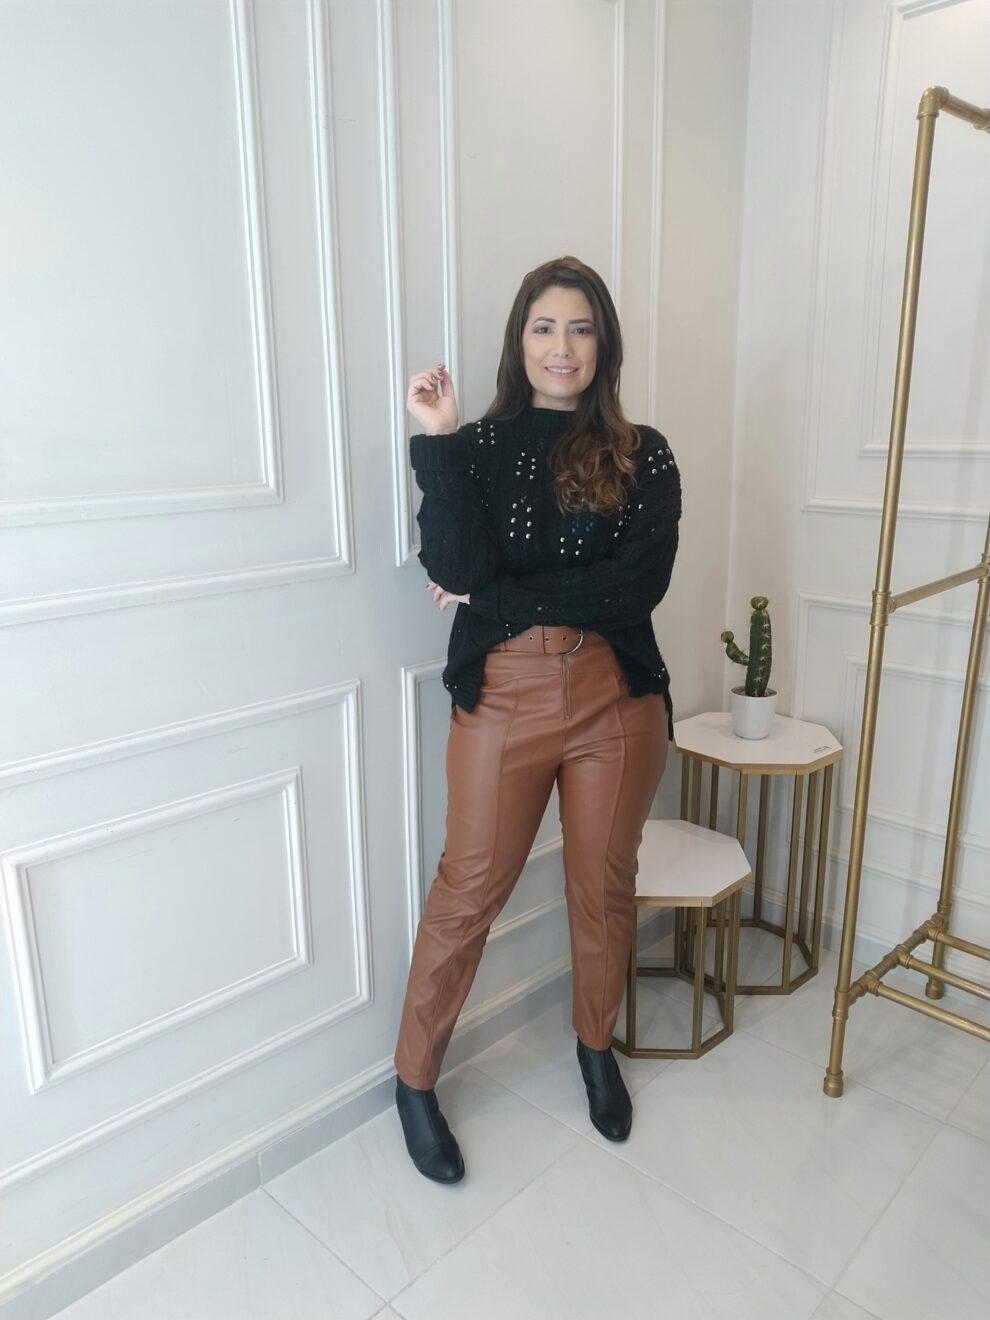 look inverno - calça de couro marrom e suéter preto